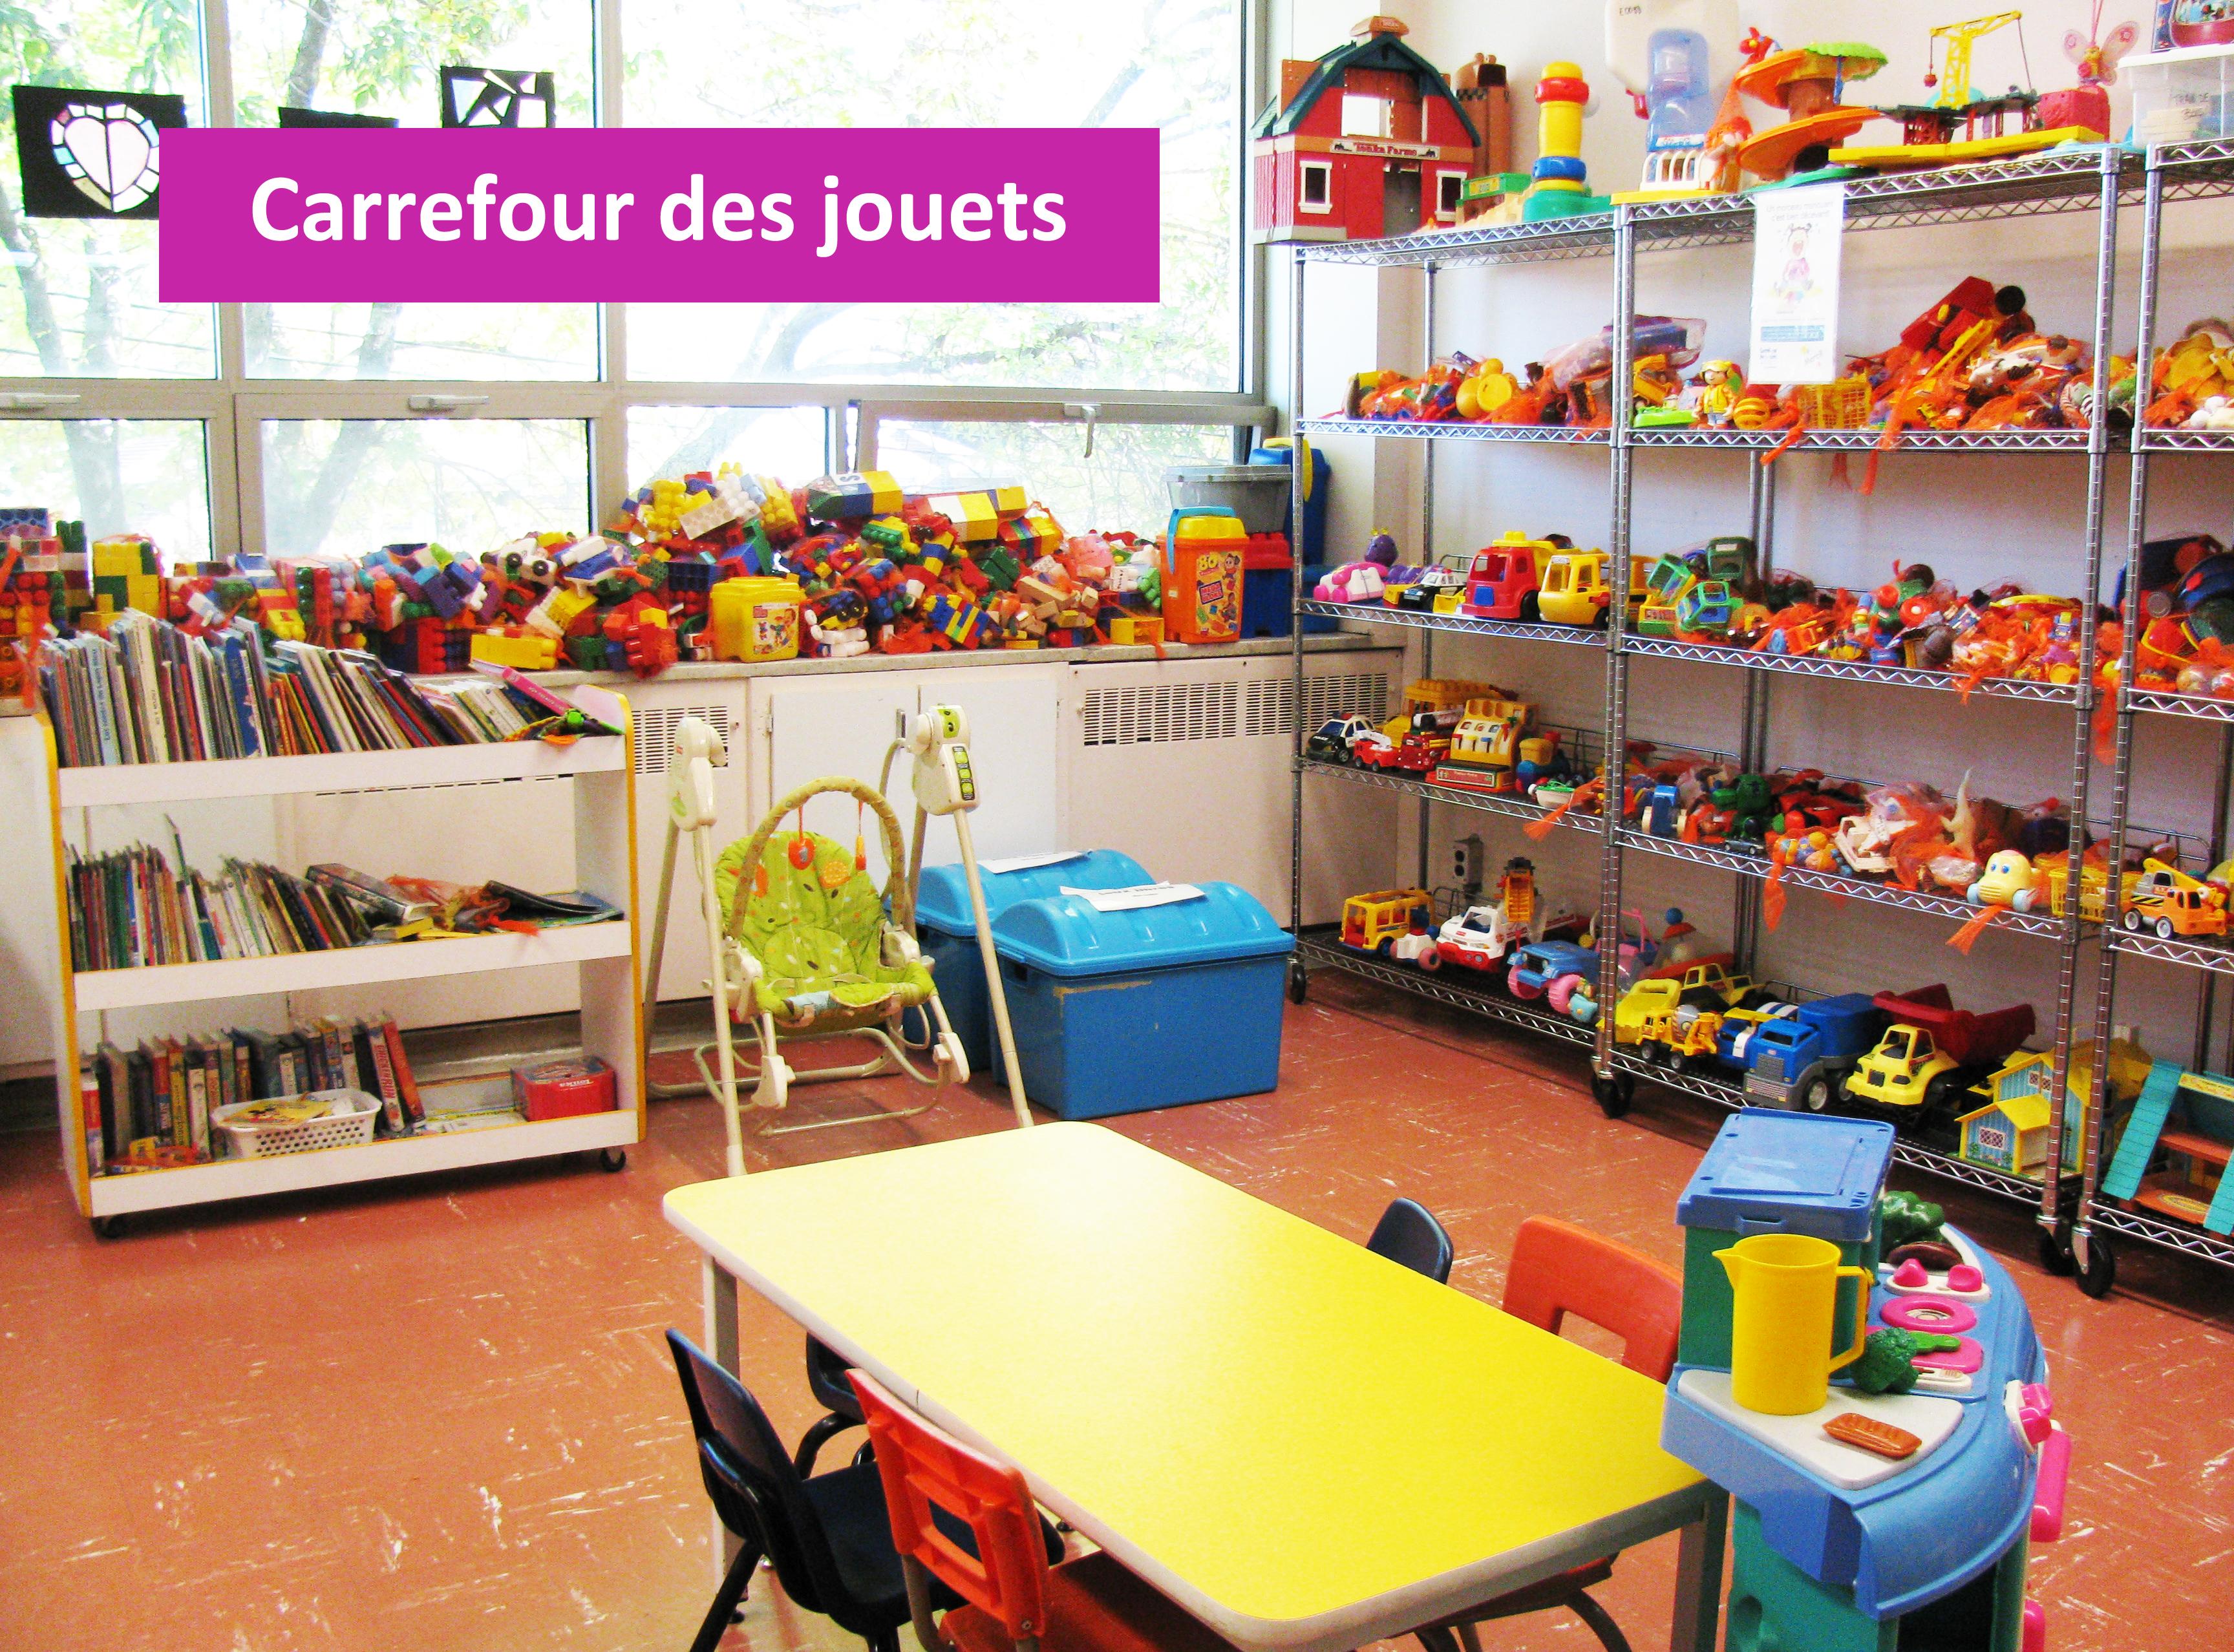 Photos la joujouth que st michel - Carrefour porte de montreuil horaires ...